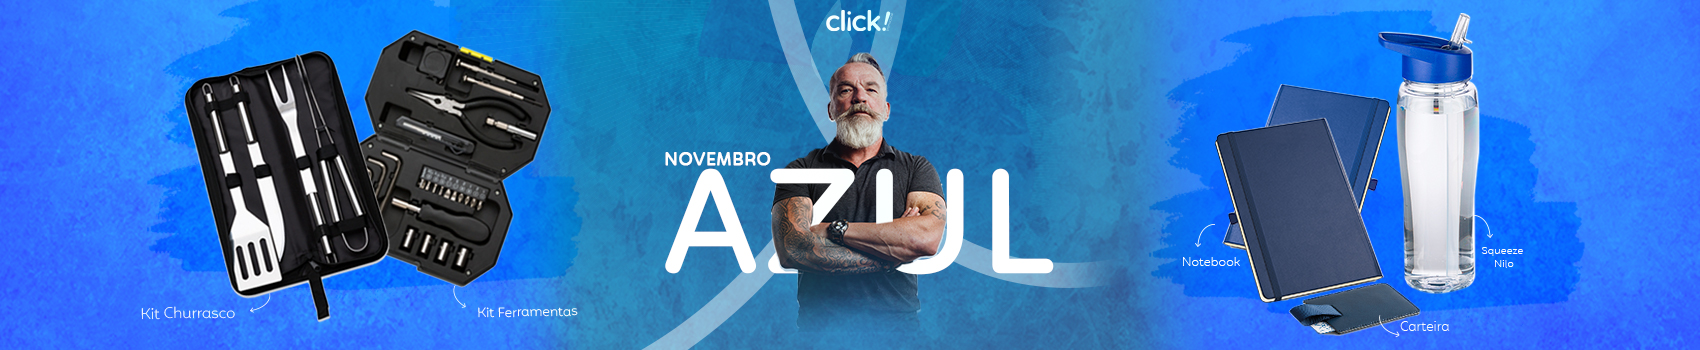 Click Promocional